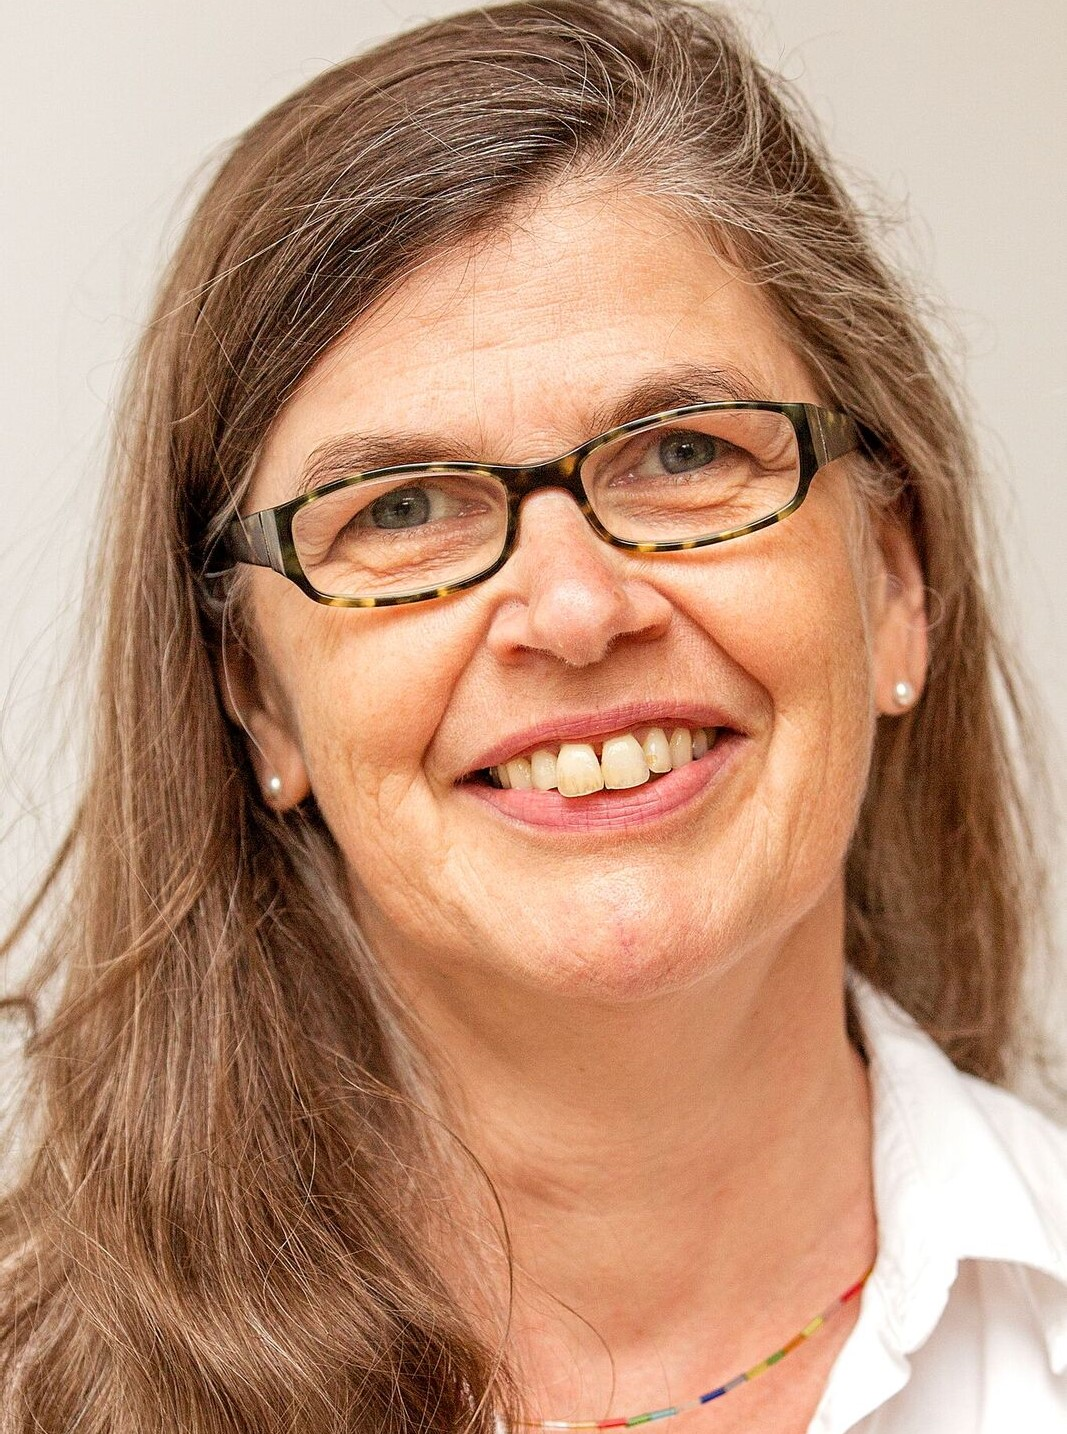 Christa Martin-Kurz, Verwaltung, Vorsorgevollmacht und Patientenverfügung